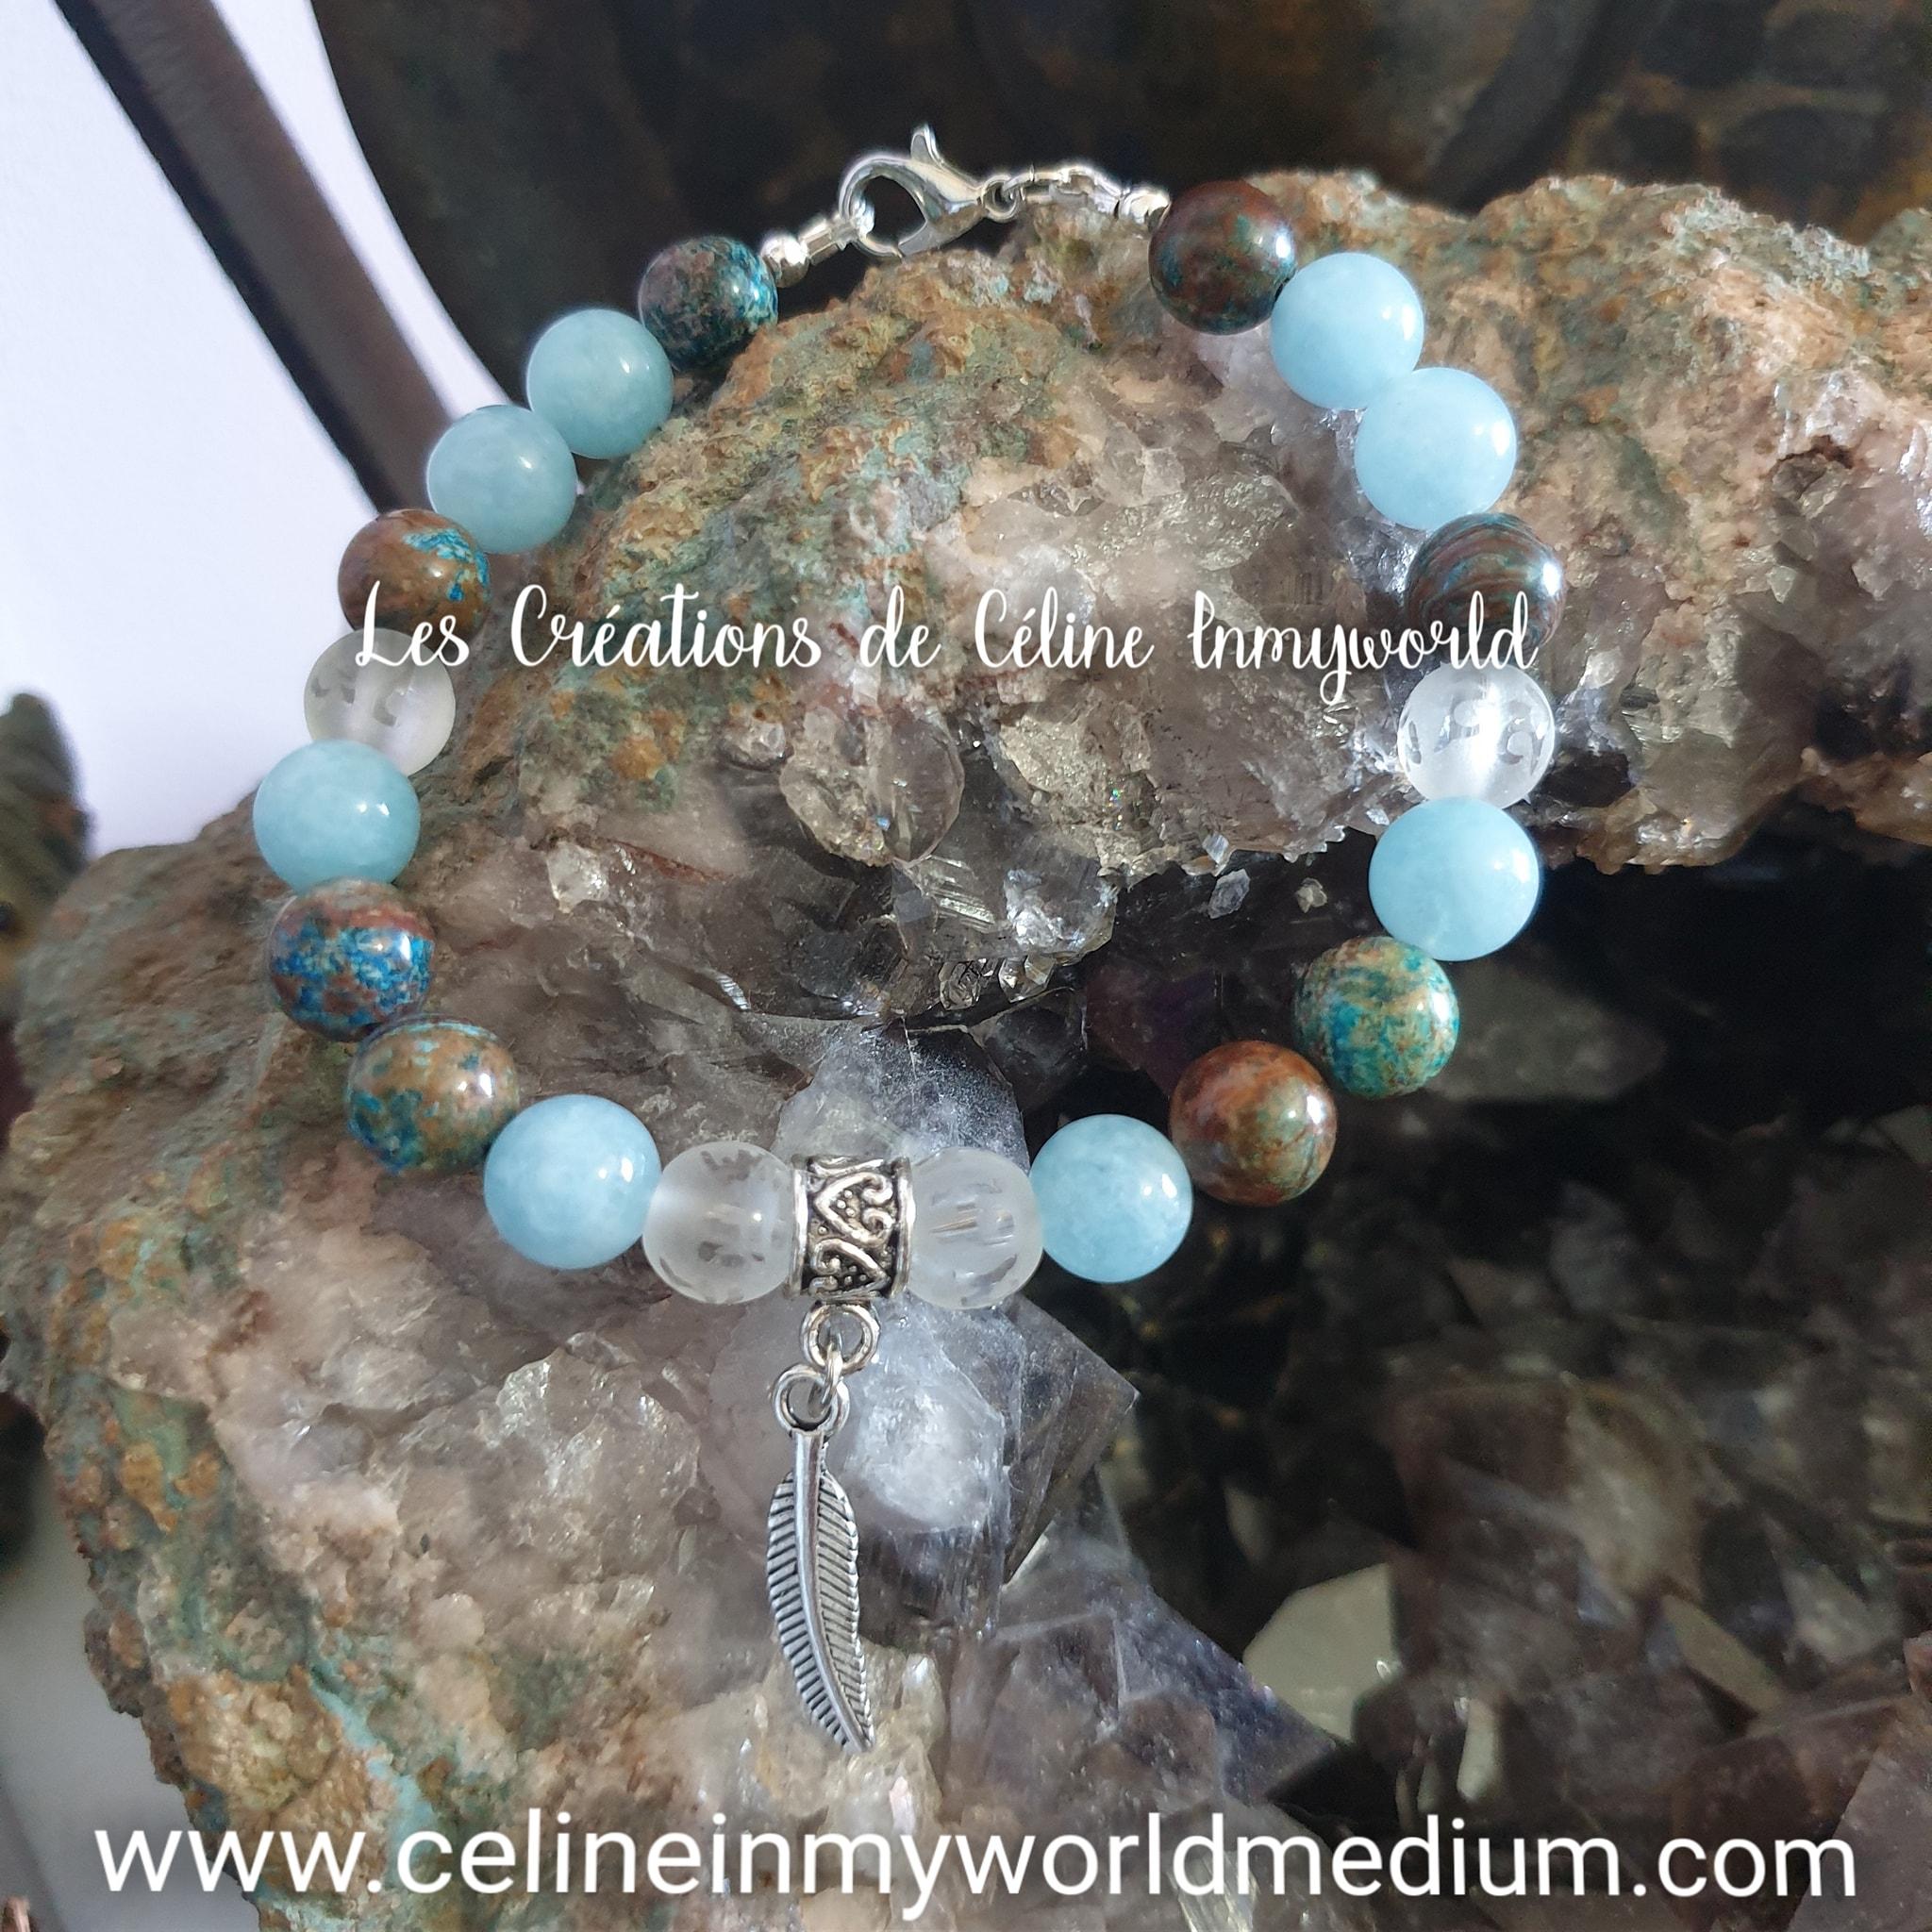 Bracelet pour la clairvoyance et l'estime de soi, en Aigue-marine, Jaspe Calsilica et Cristal de roche avec plume